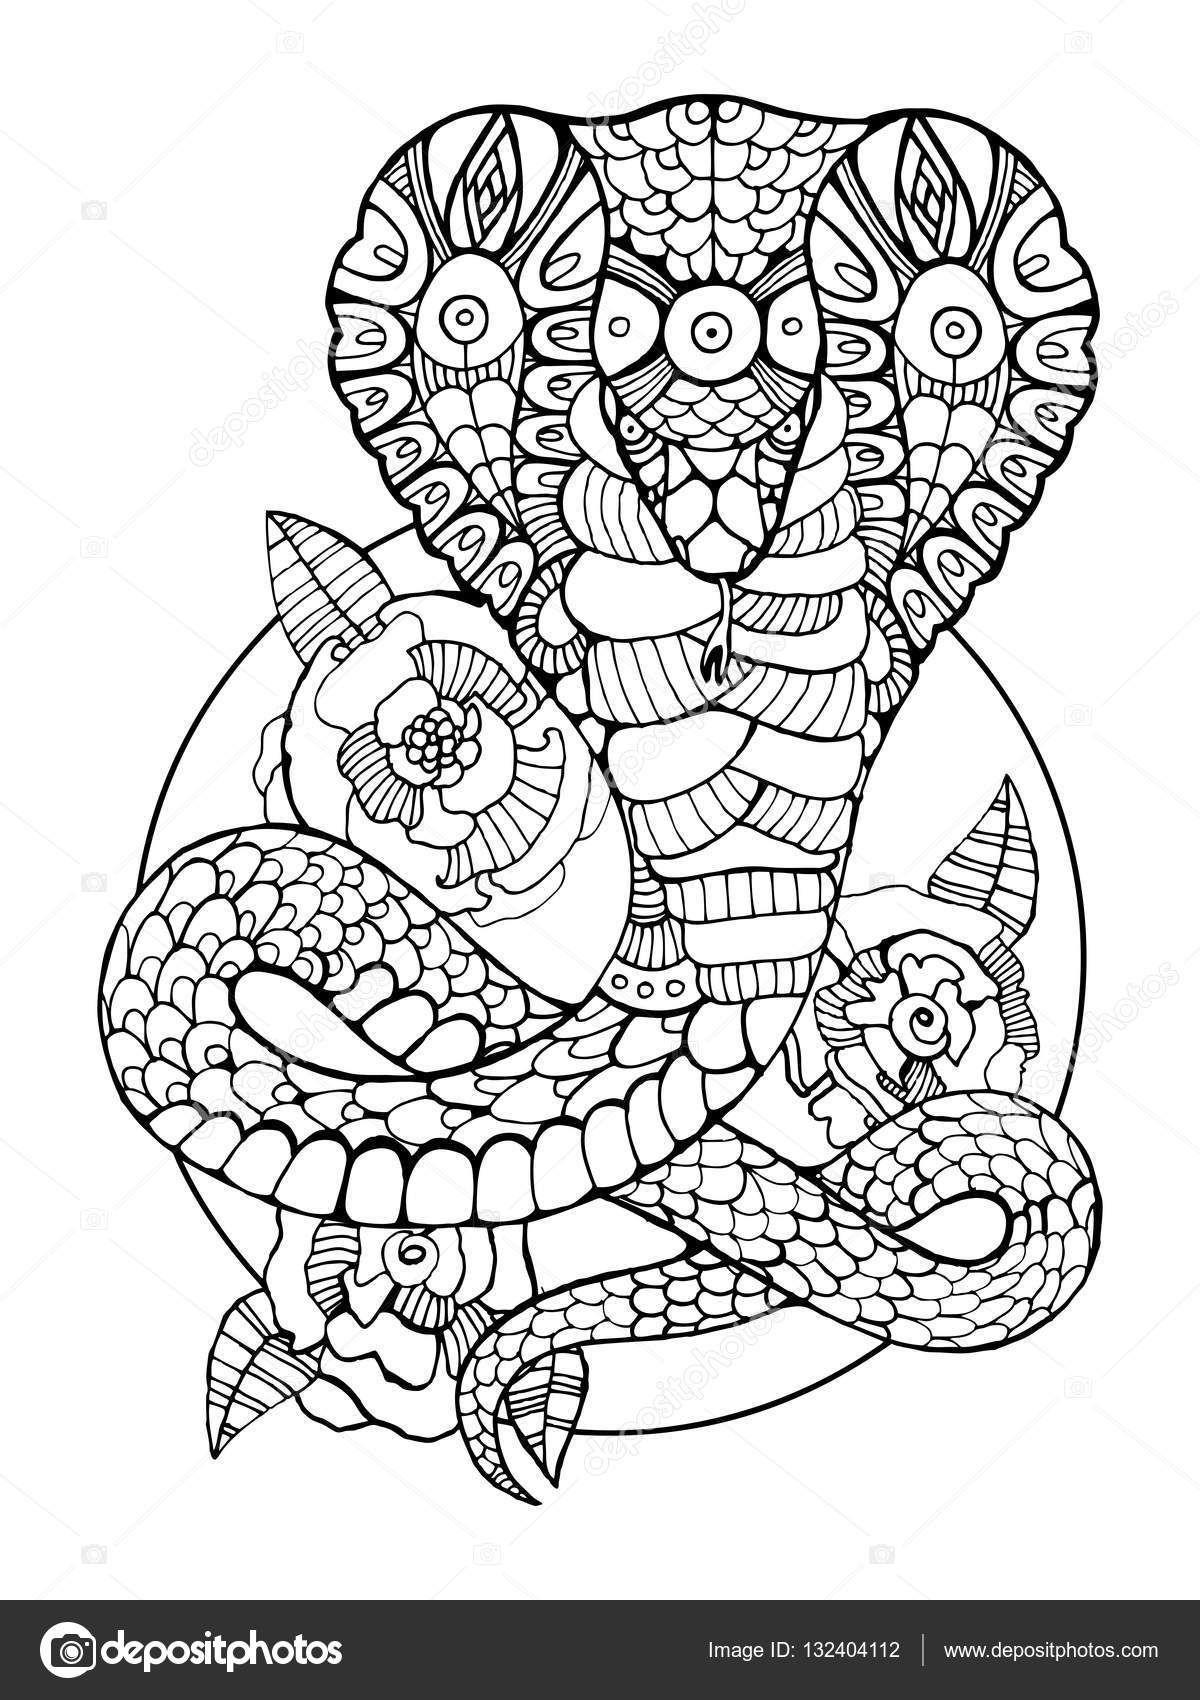 Http St3 Depositphotos Com 5891300 13240 V 1600 Depositphotos 132404112 Stock Illustration Cobra Snak Knizhka Raskraska Raskraski S Zhivotnymi Etnicheskie Uzory